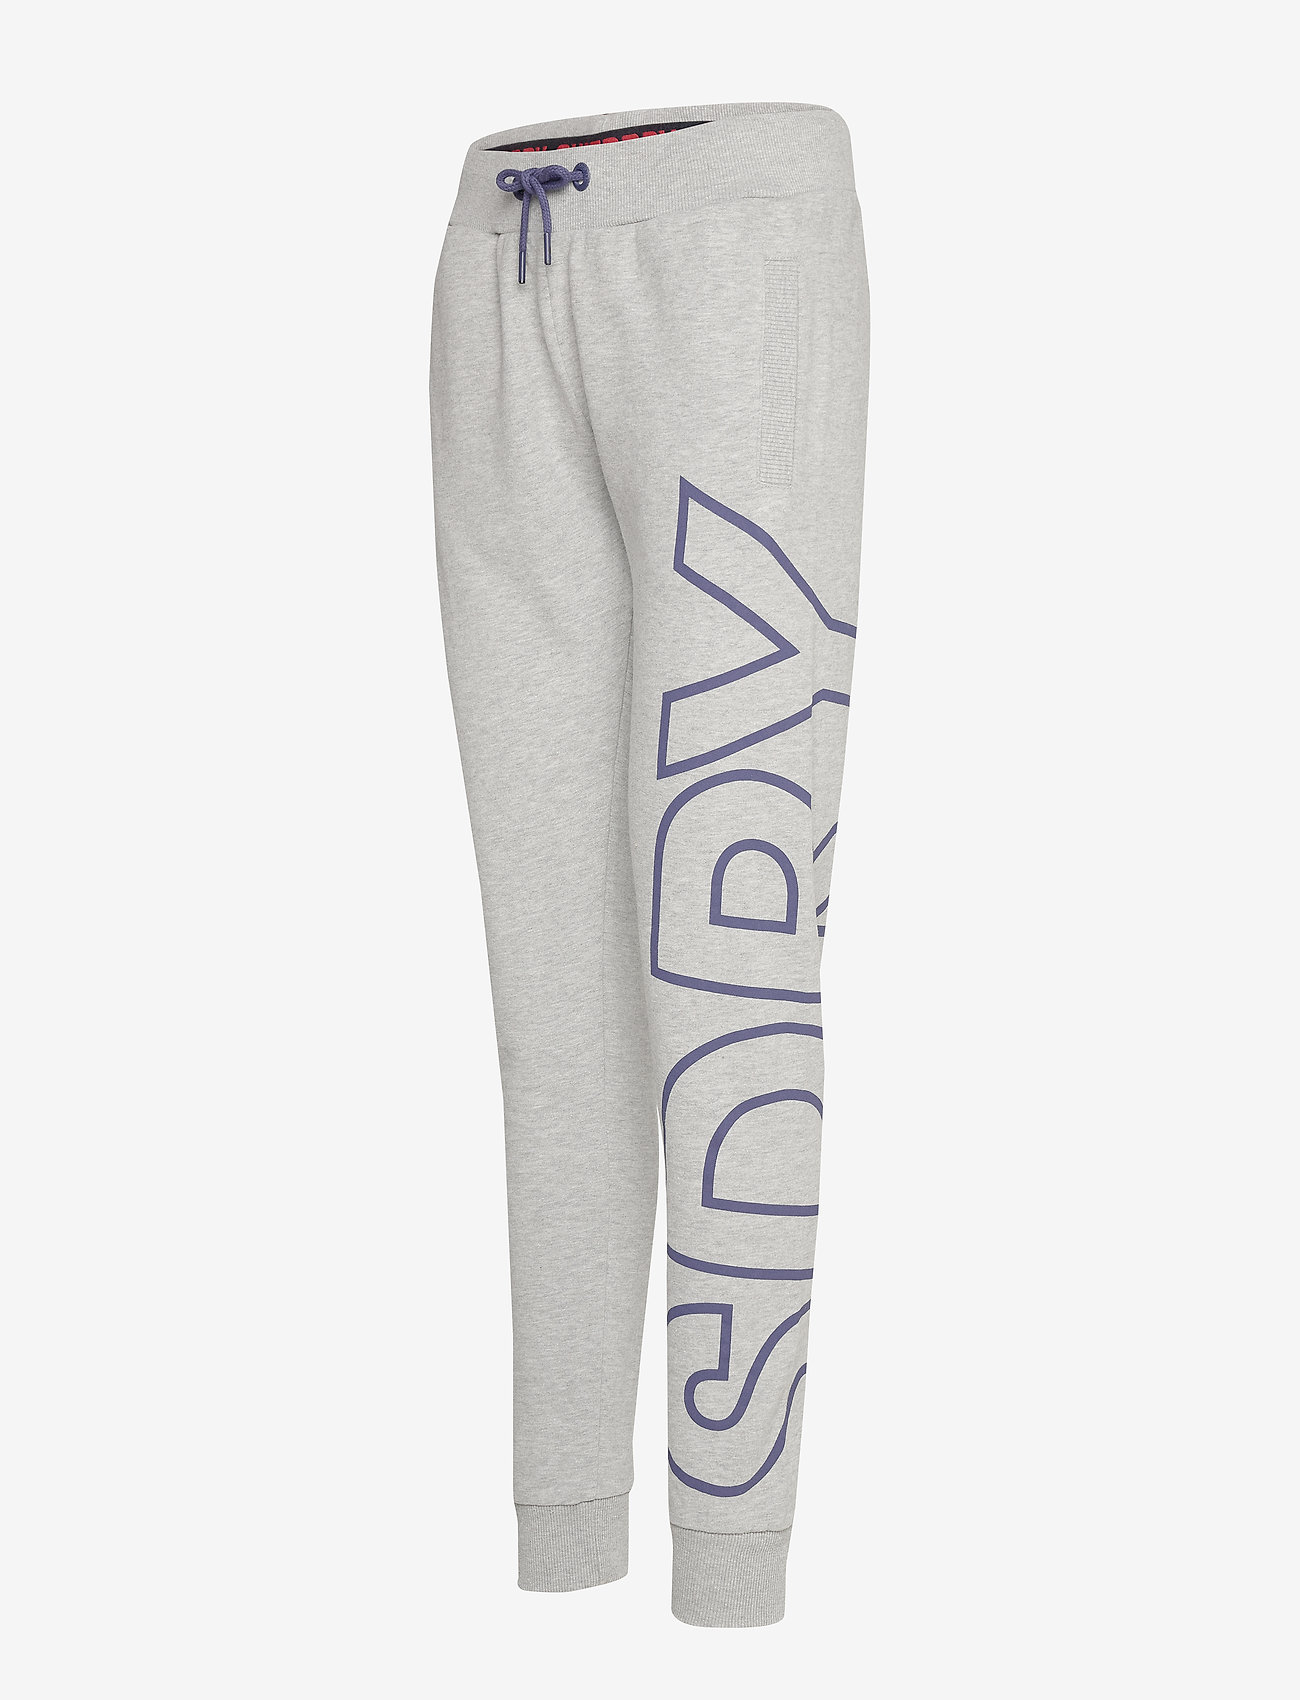 Sdry Ace Jogger (Dawn Grey Marl) (39.98 €) - Superdry YITcW